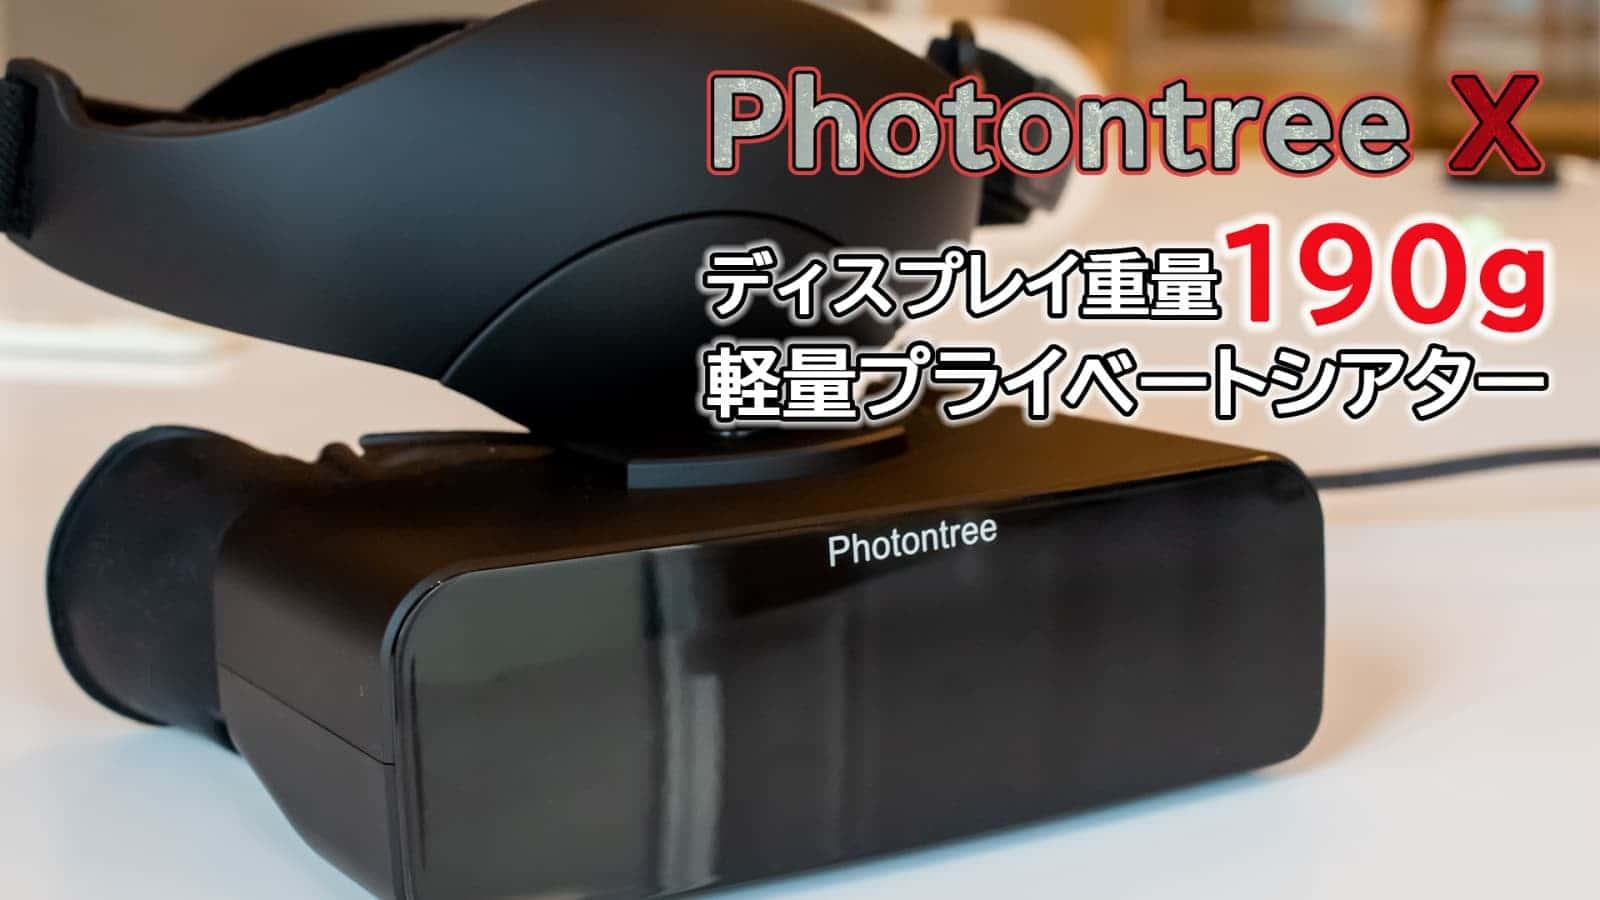 Photontree X(フォトンツリーテン)、最軽量190gのウェアラブルプライベートシアター